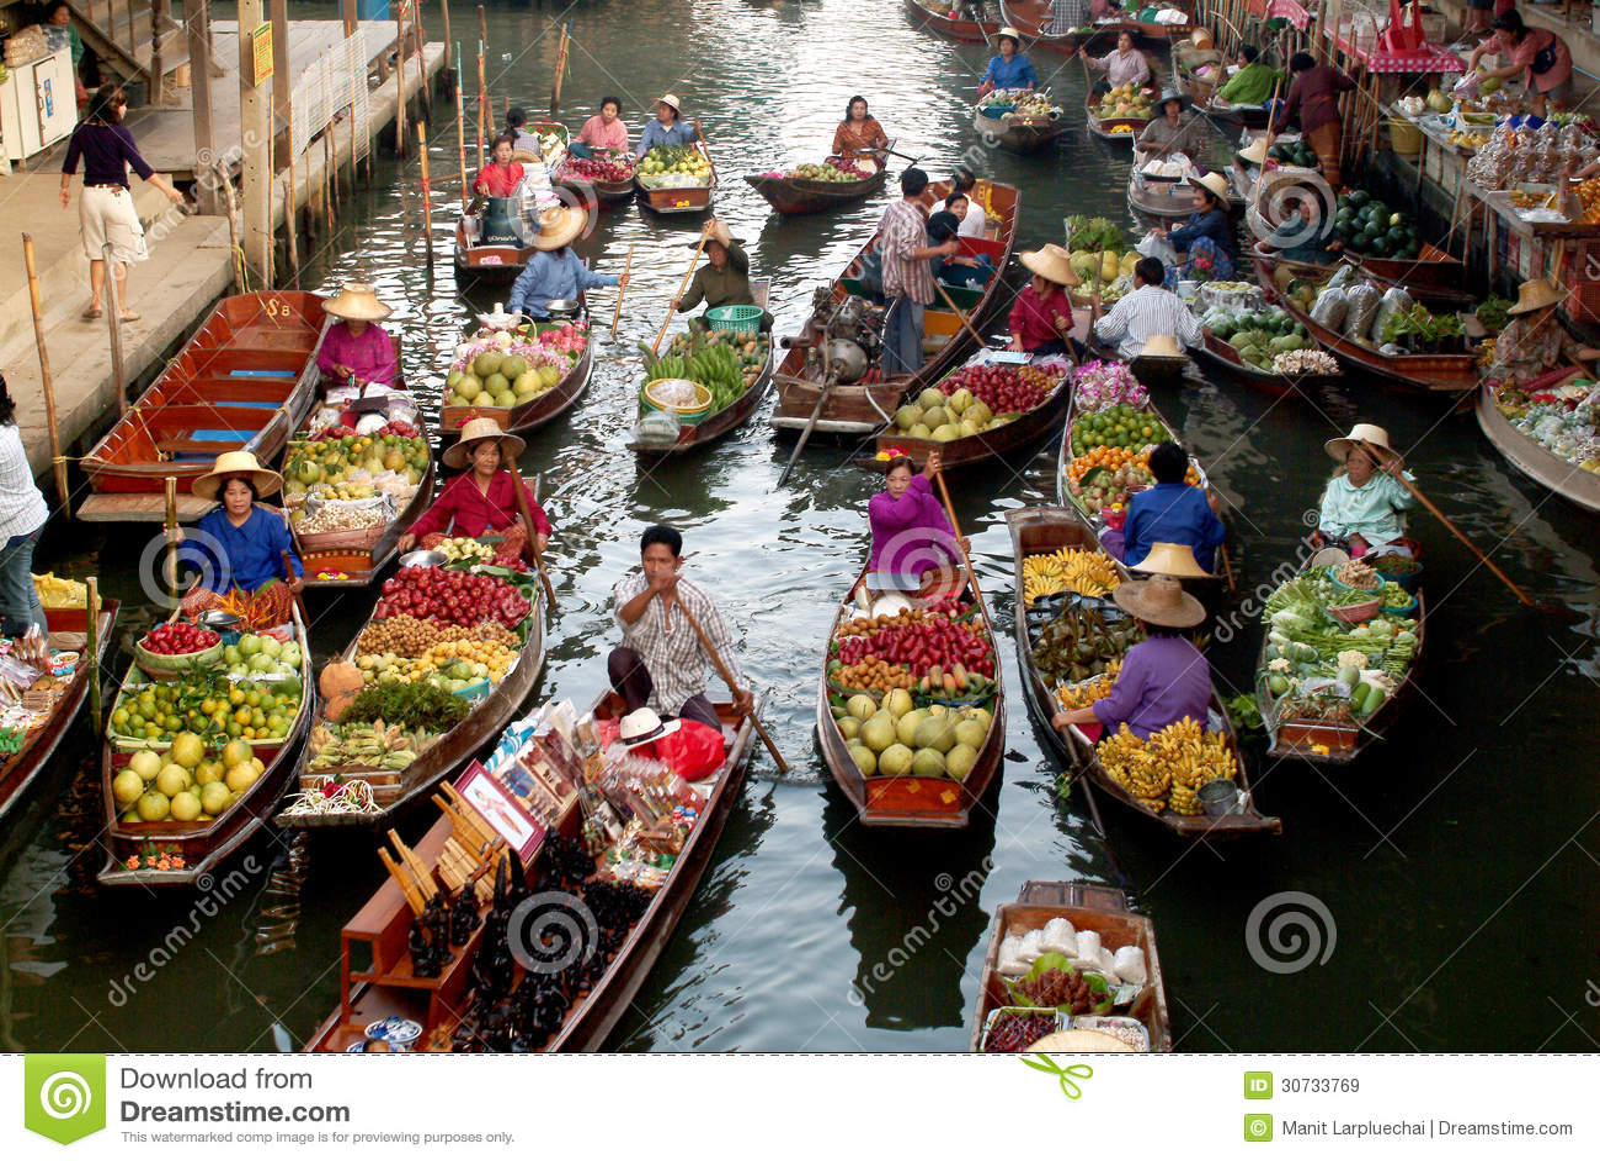 Marché de flottement en Thaïlande.